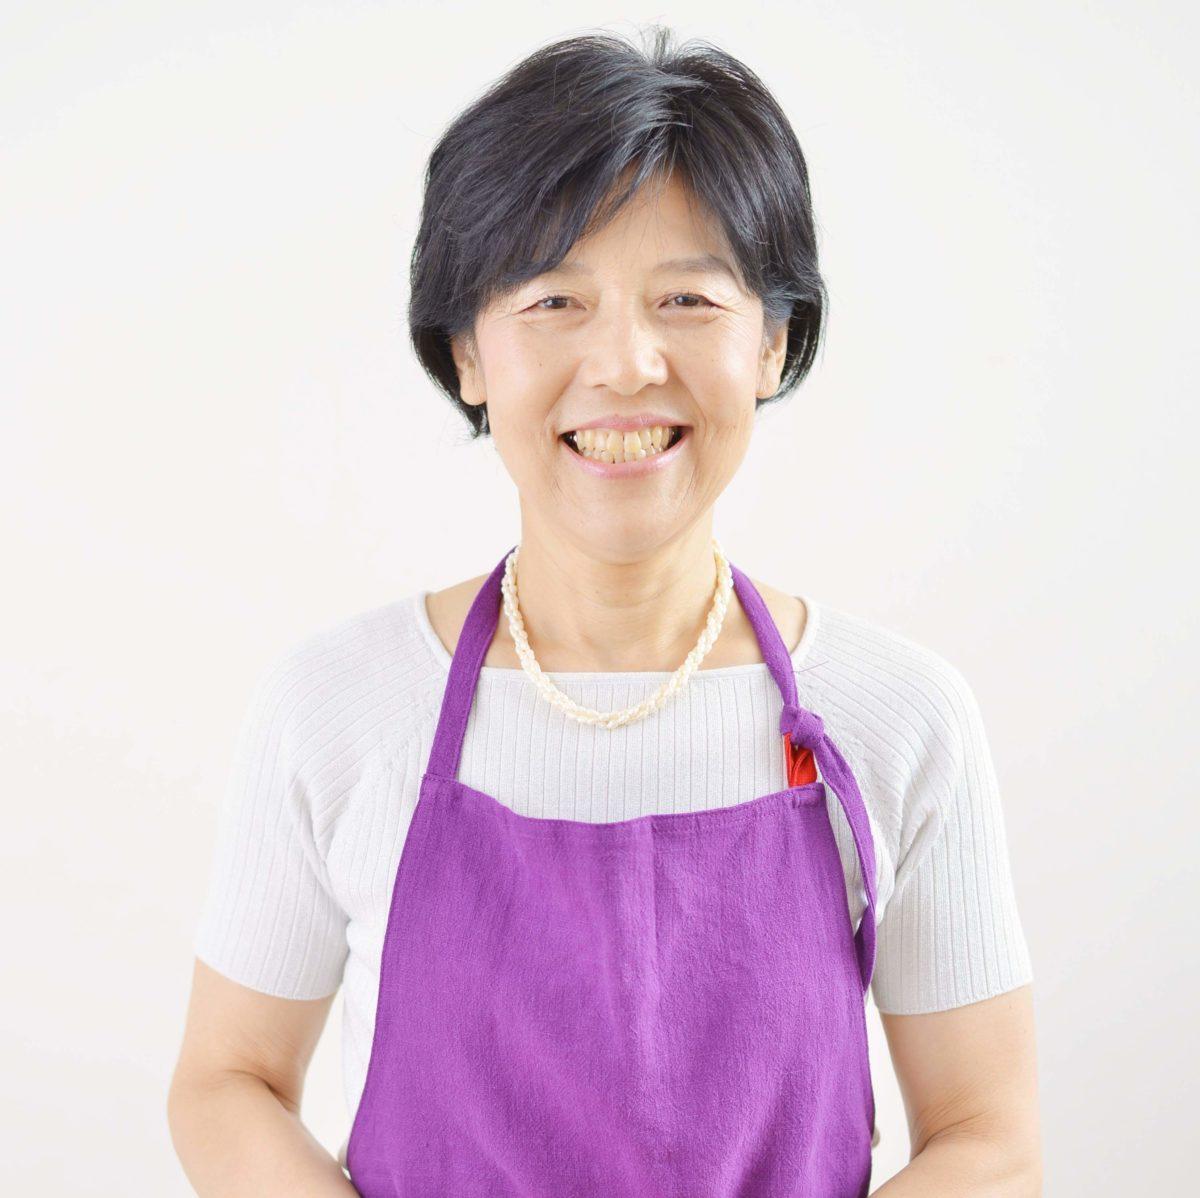 野村佳子様 料理家 50代 横浜市